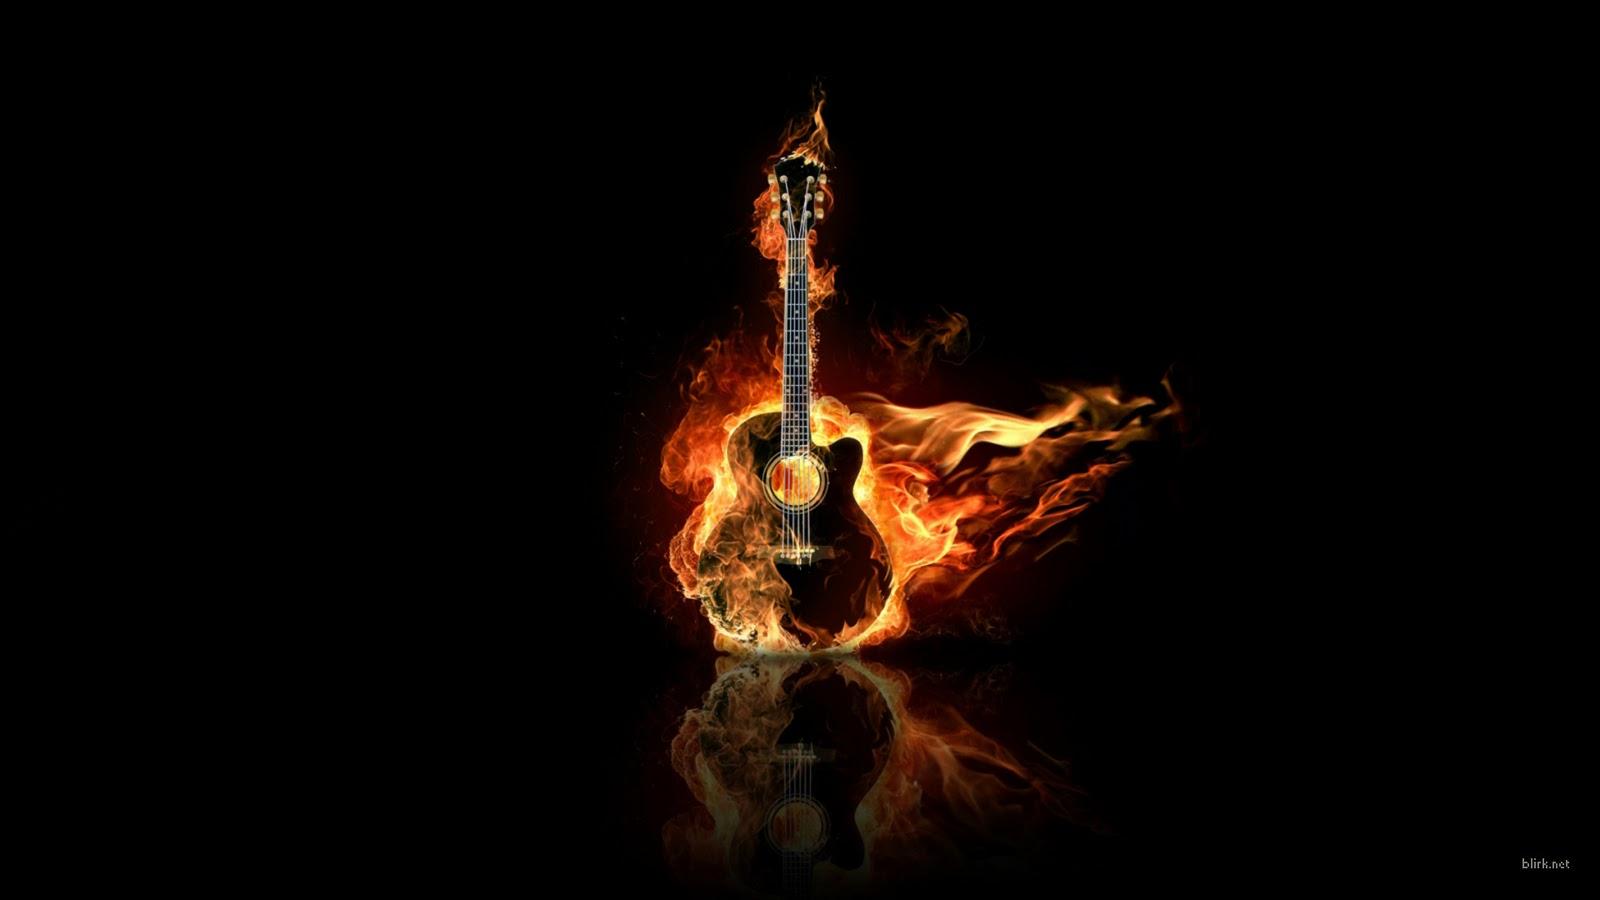 http://1.bp.blogspot.com/_GoCwCBsEsa4/TStVNedHUrI/AAAAAAAAAhw/APmkoV5JXkk/s1600/guitar-wallpaper.jpg